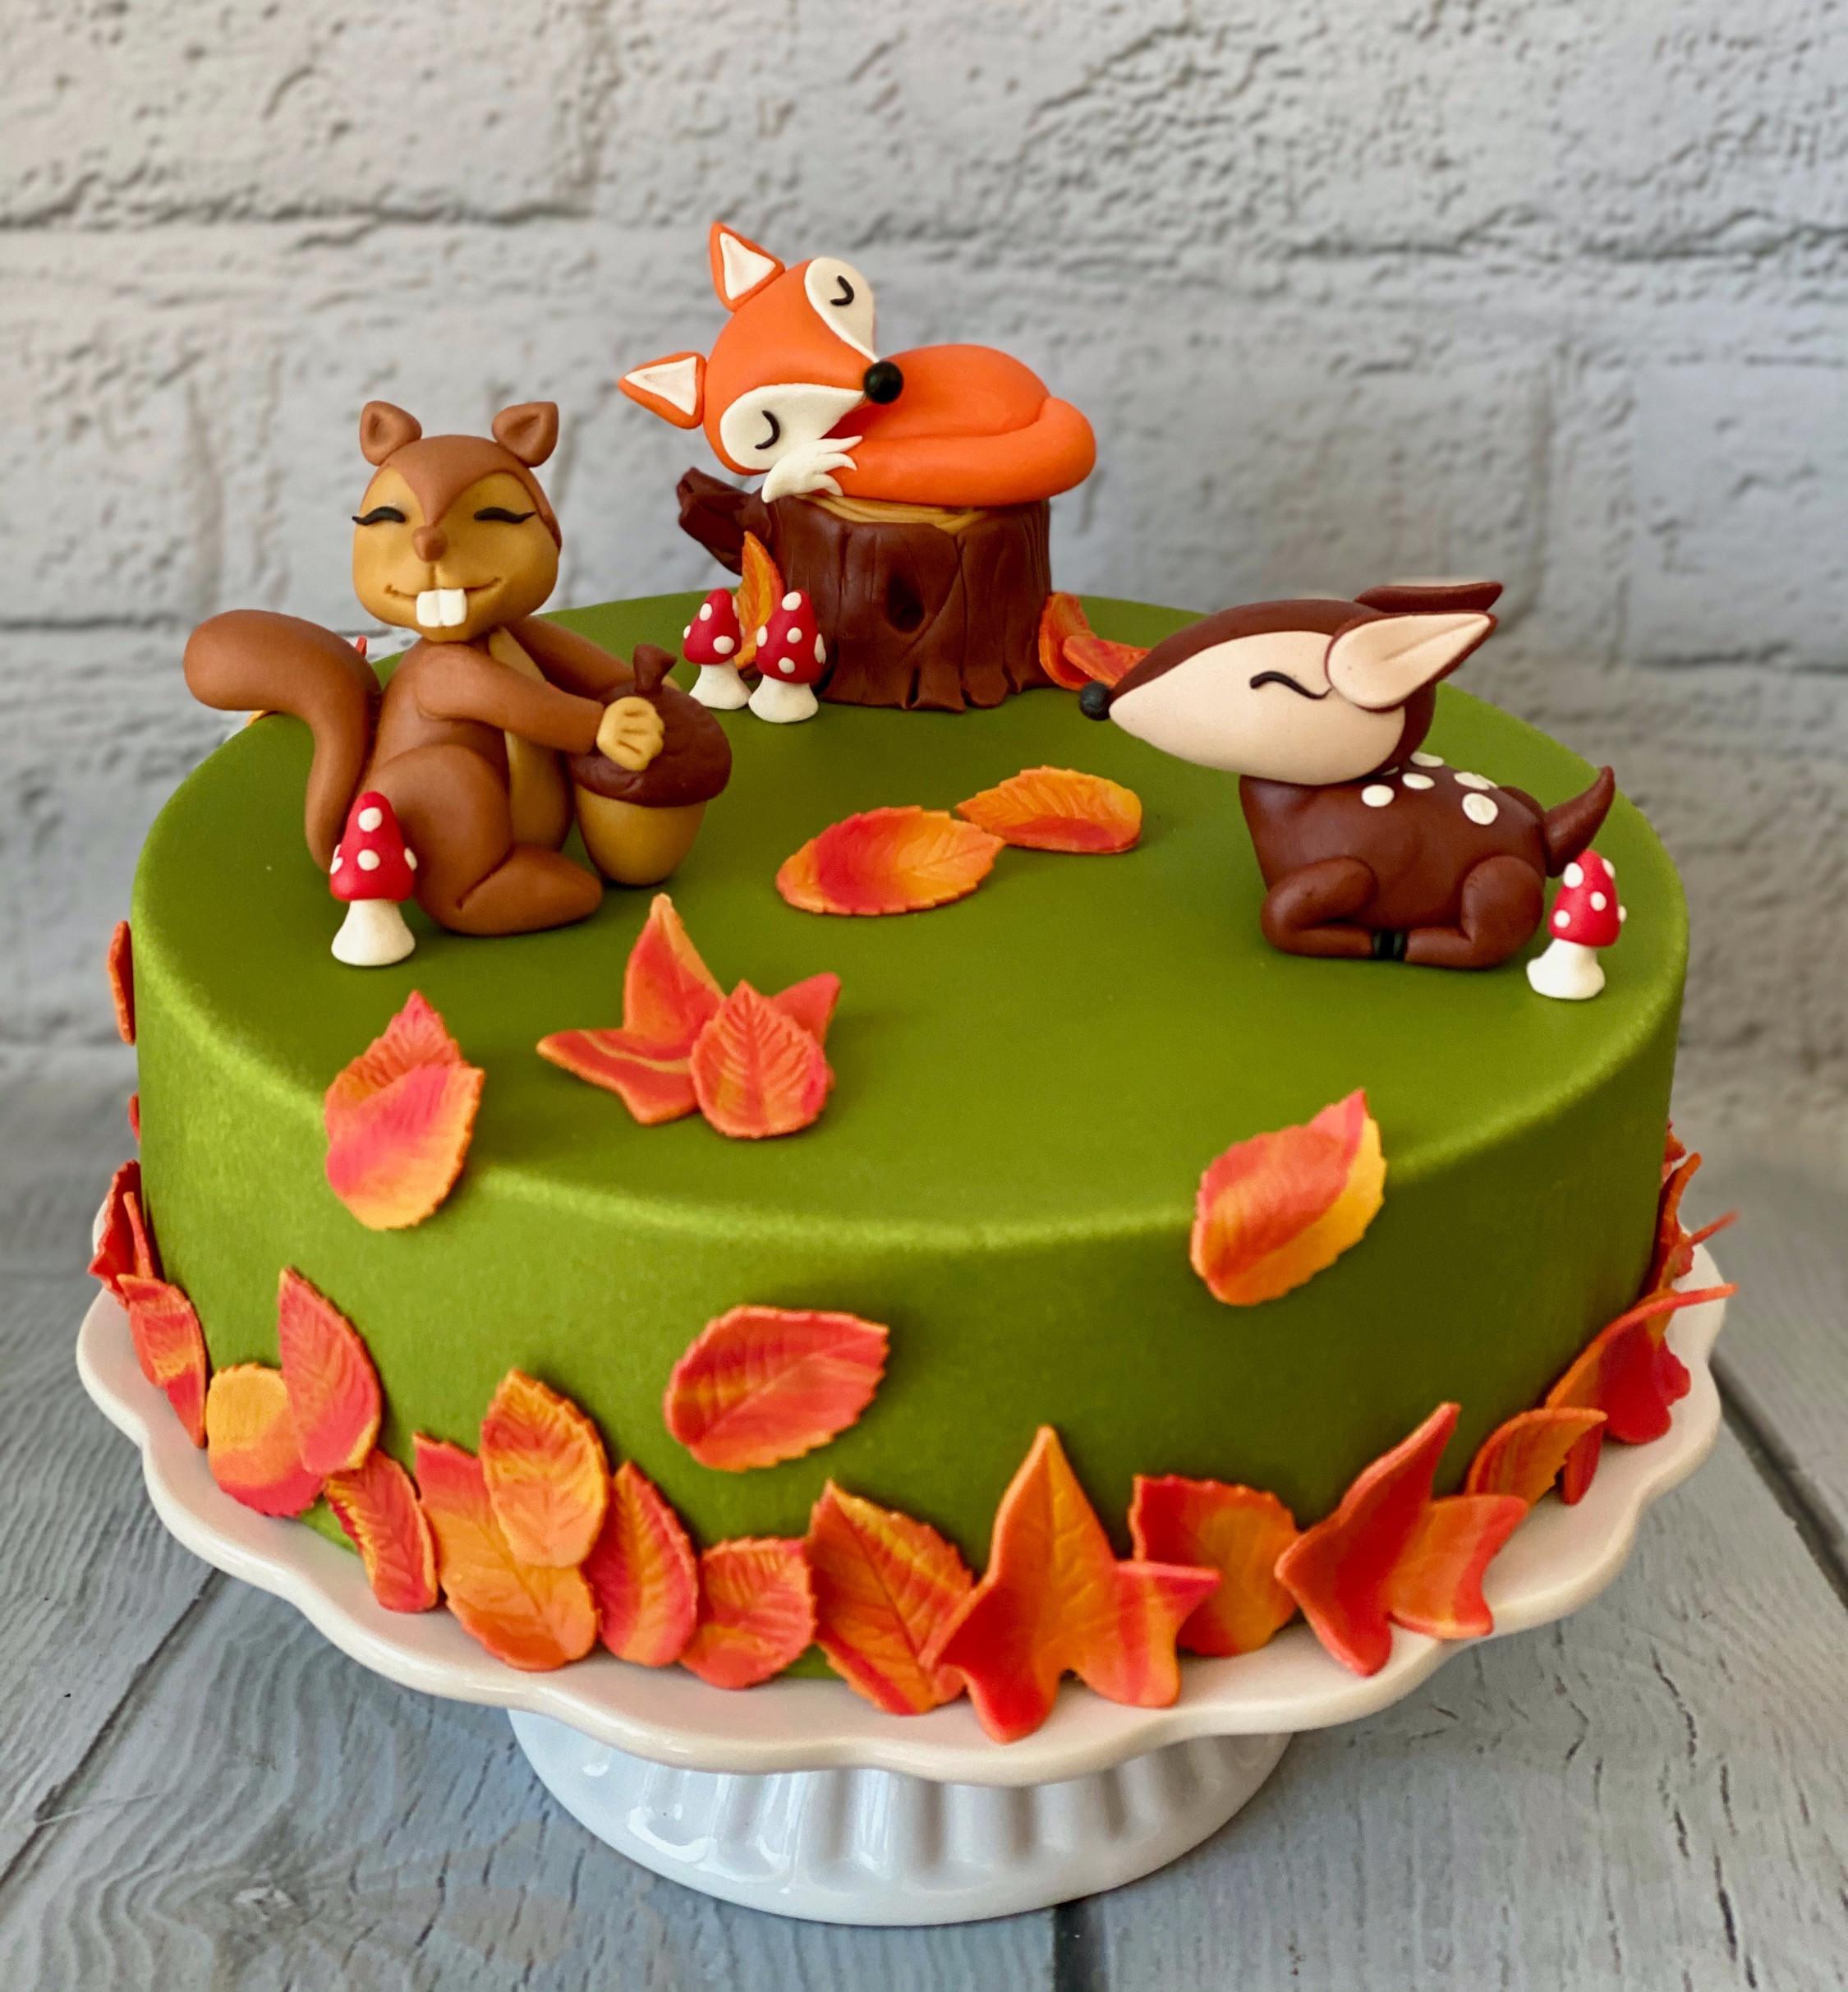 Herbst Torte